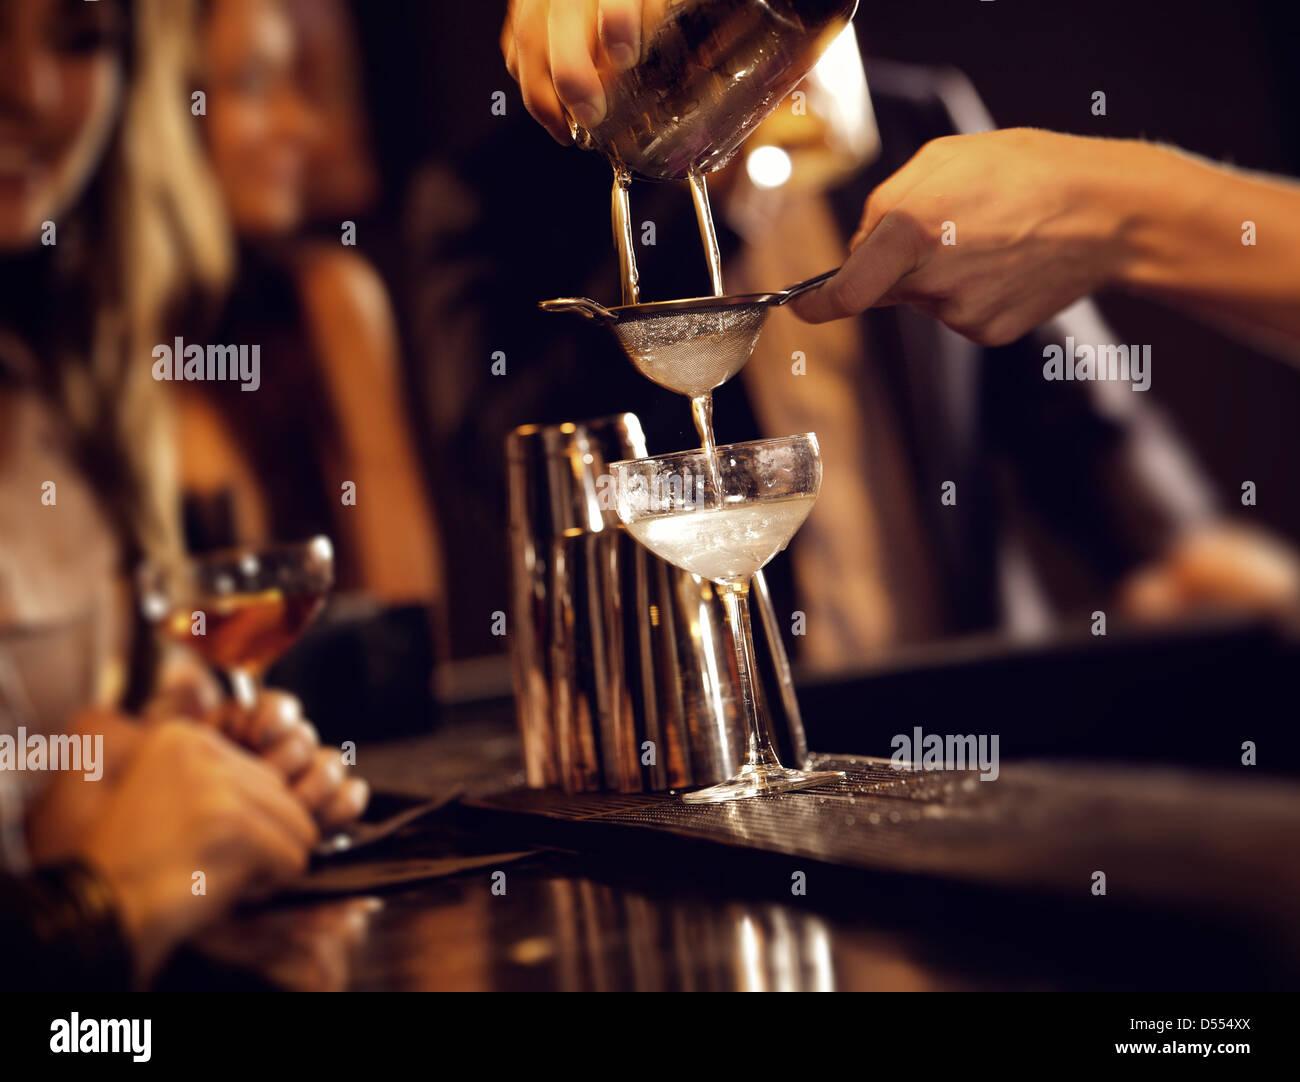 Barman, Wein aus Shaker gießen und servieren Stockbild